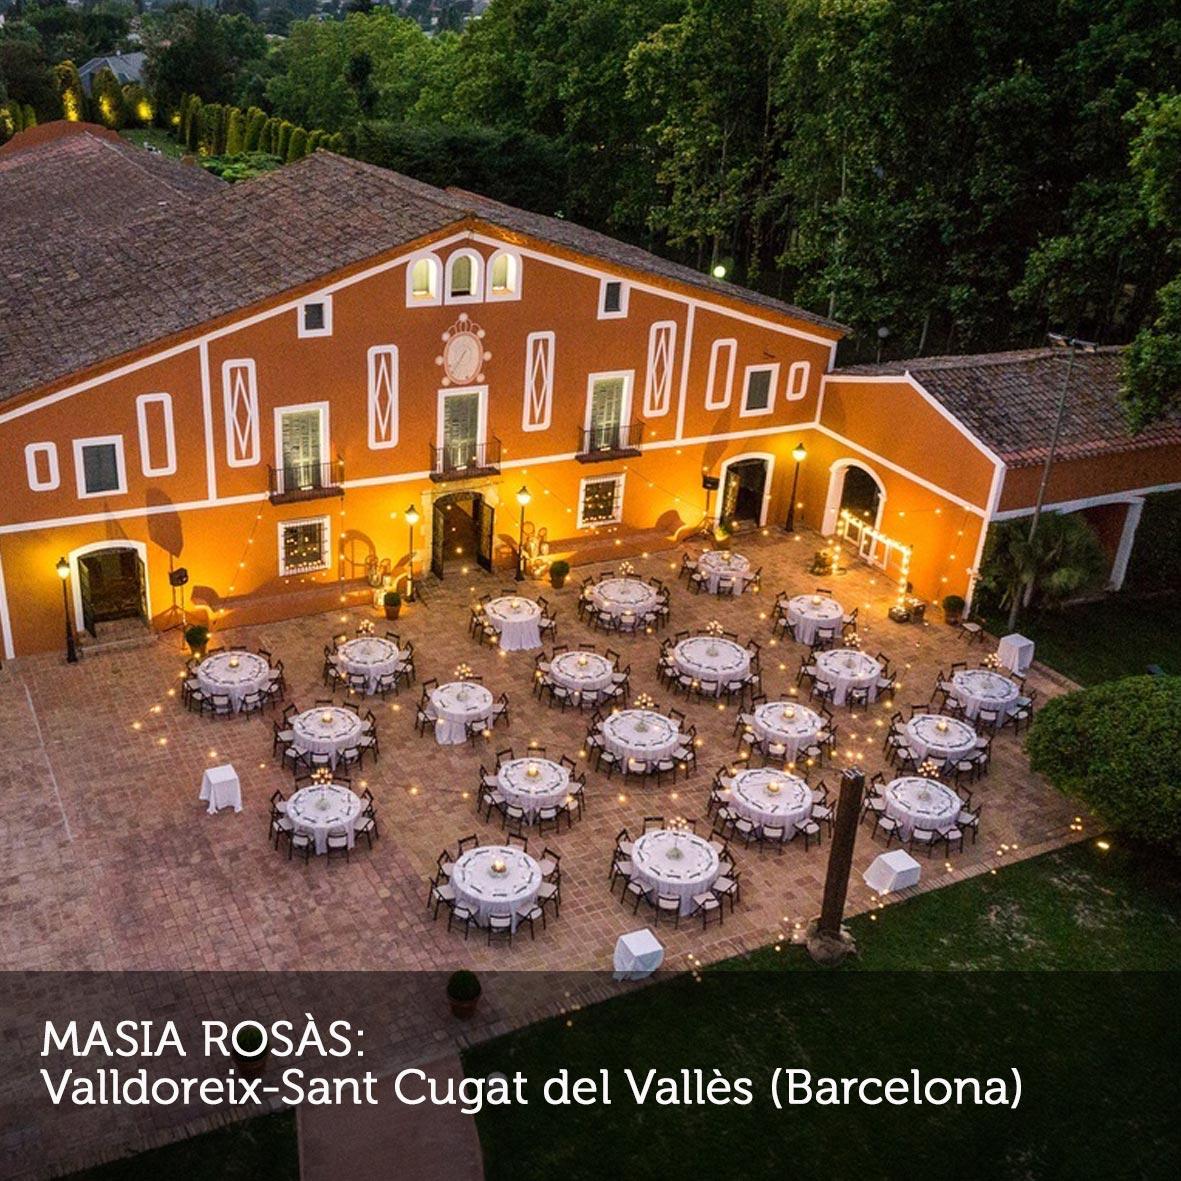 merces-events-espacios-masia-rosas1.jpg